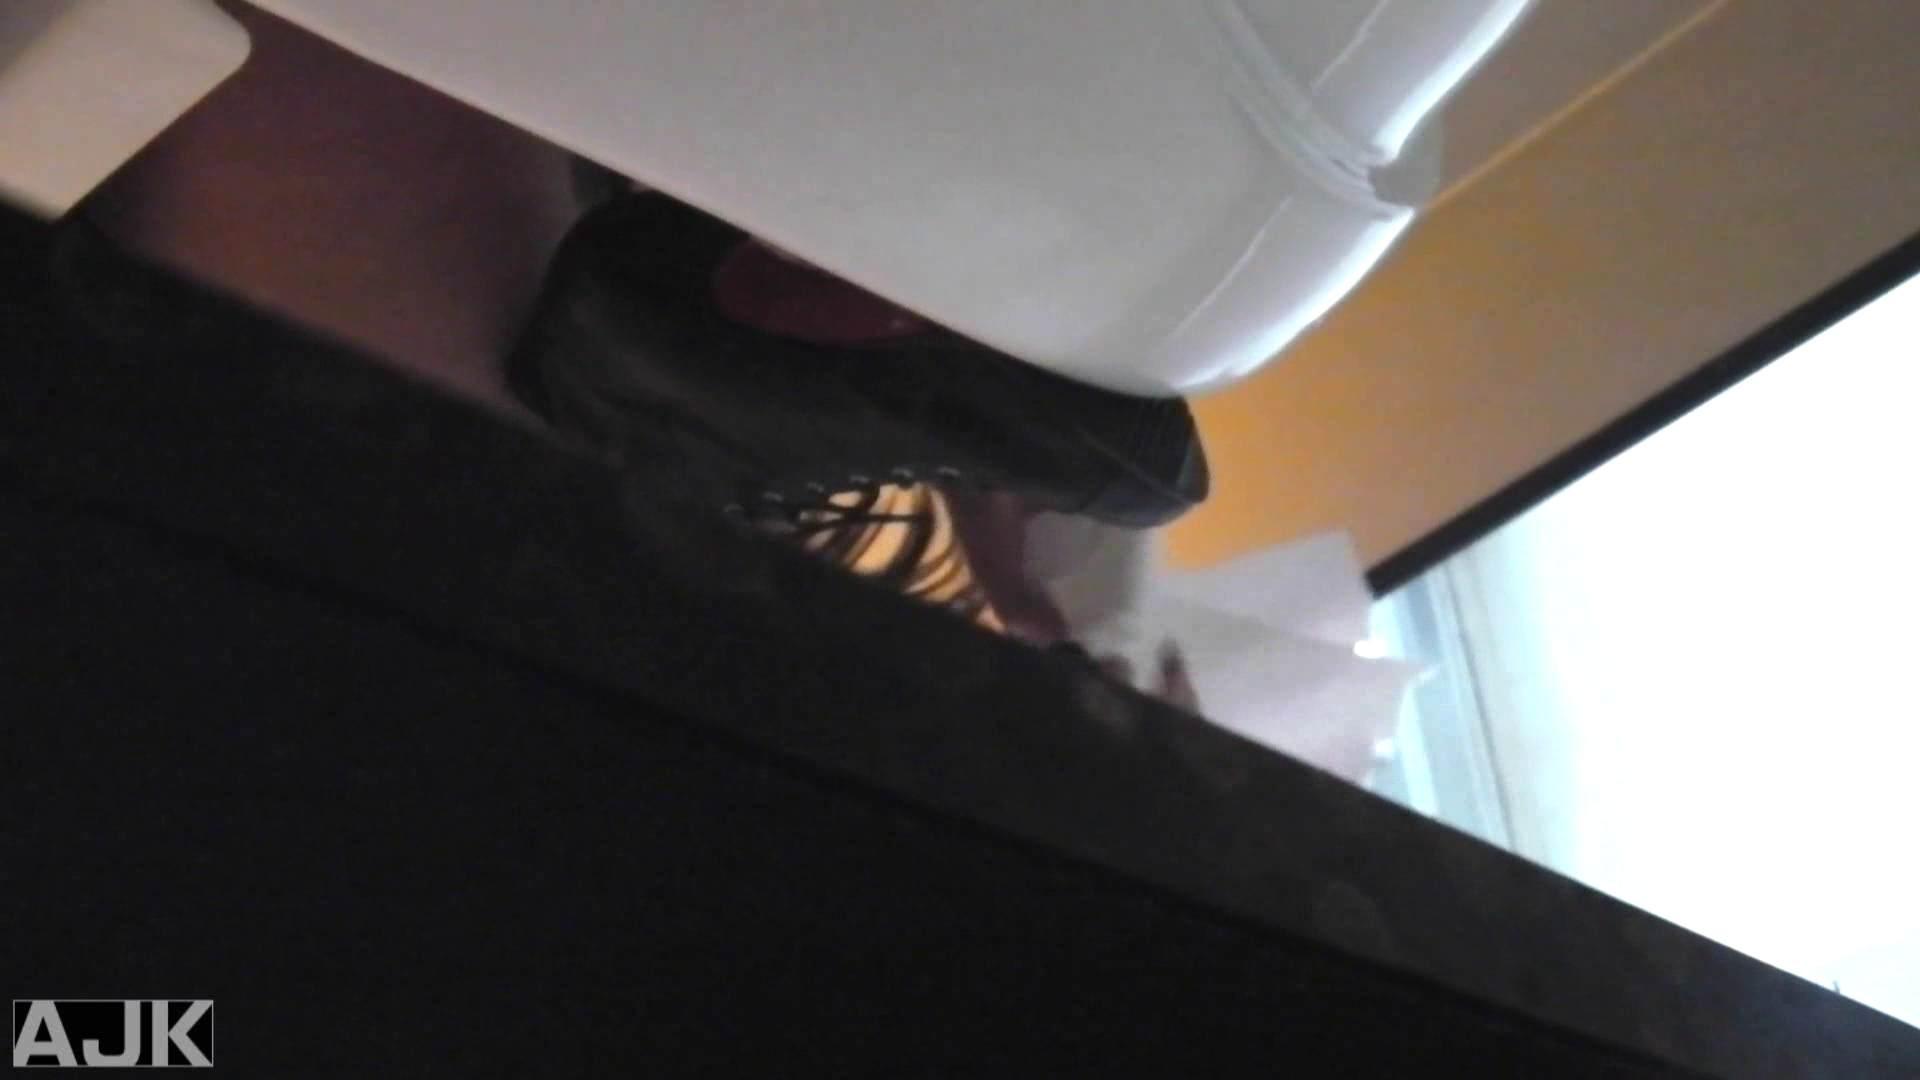 隣国上階級エリアの令嬢たちが集うデパートお手洗い Vol.25 女子トイレ AV無料動画キャプチャ 94枚 86